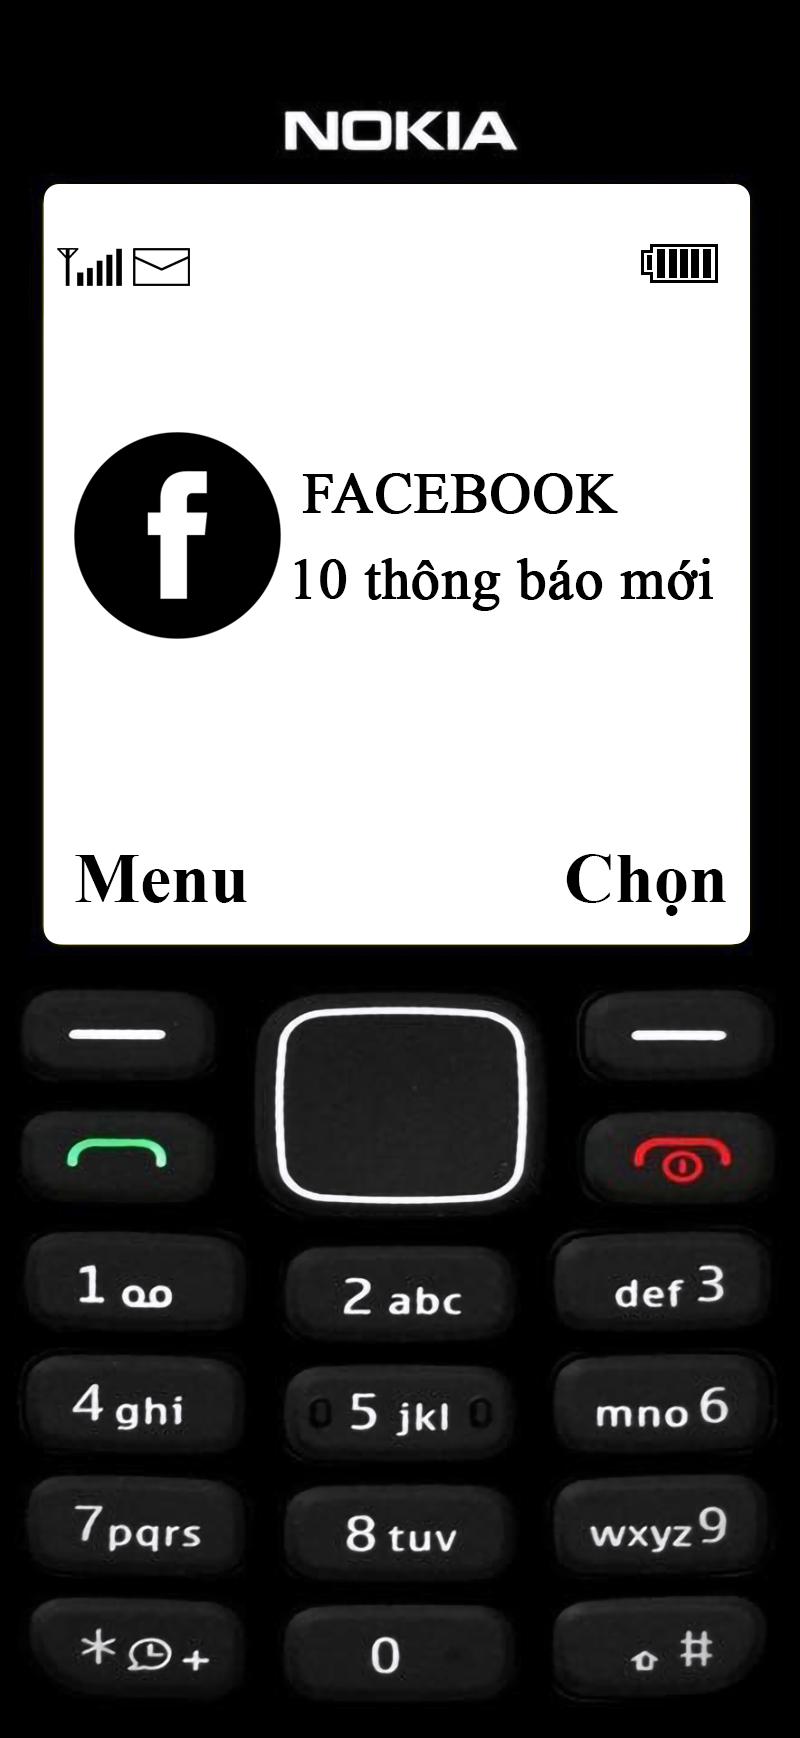 hinh nen dien thoai nokia 1280 logo facebook 1